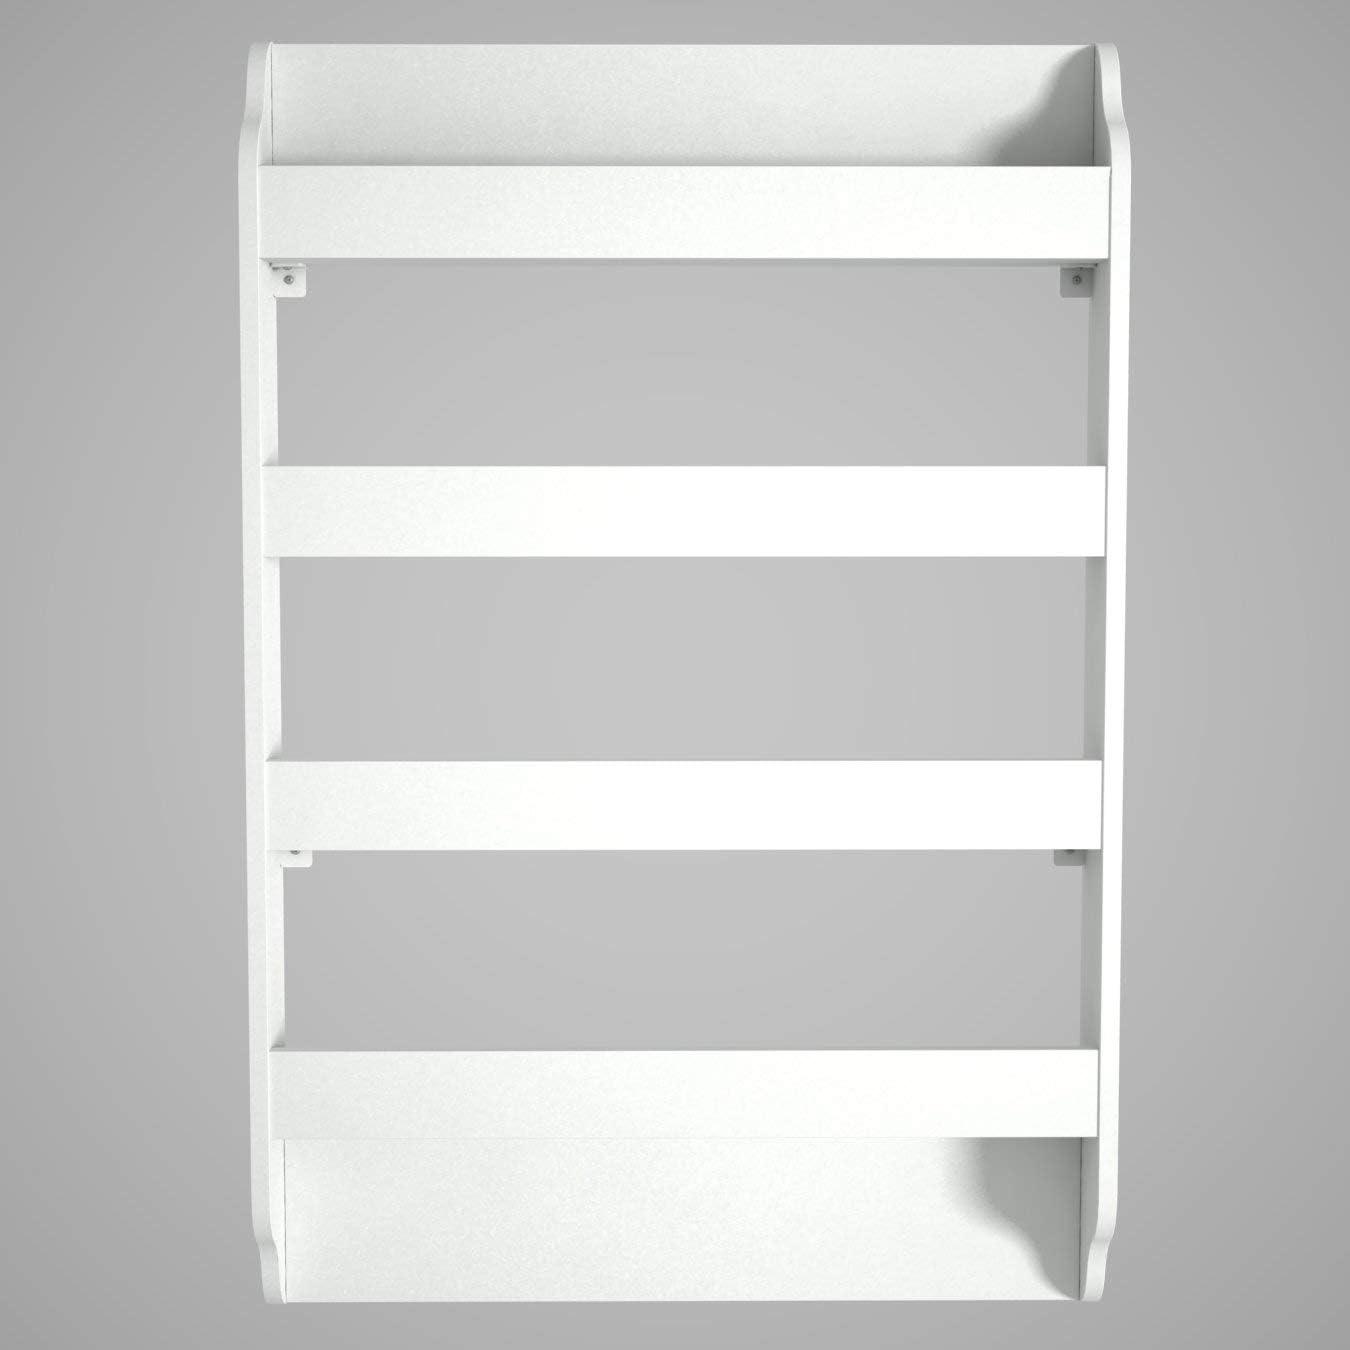 Alphamoebel Estantería de Madera Blanca 80 x 120 x 12 cm ...